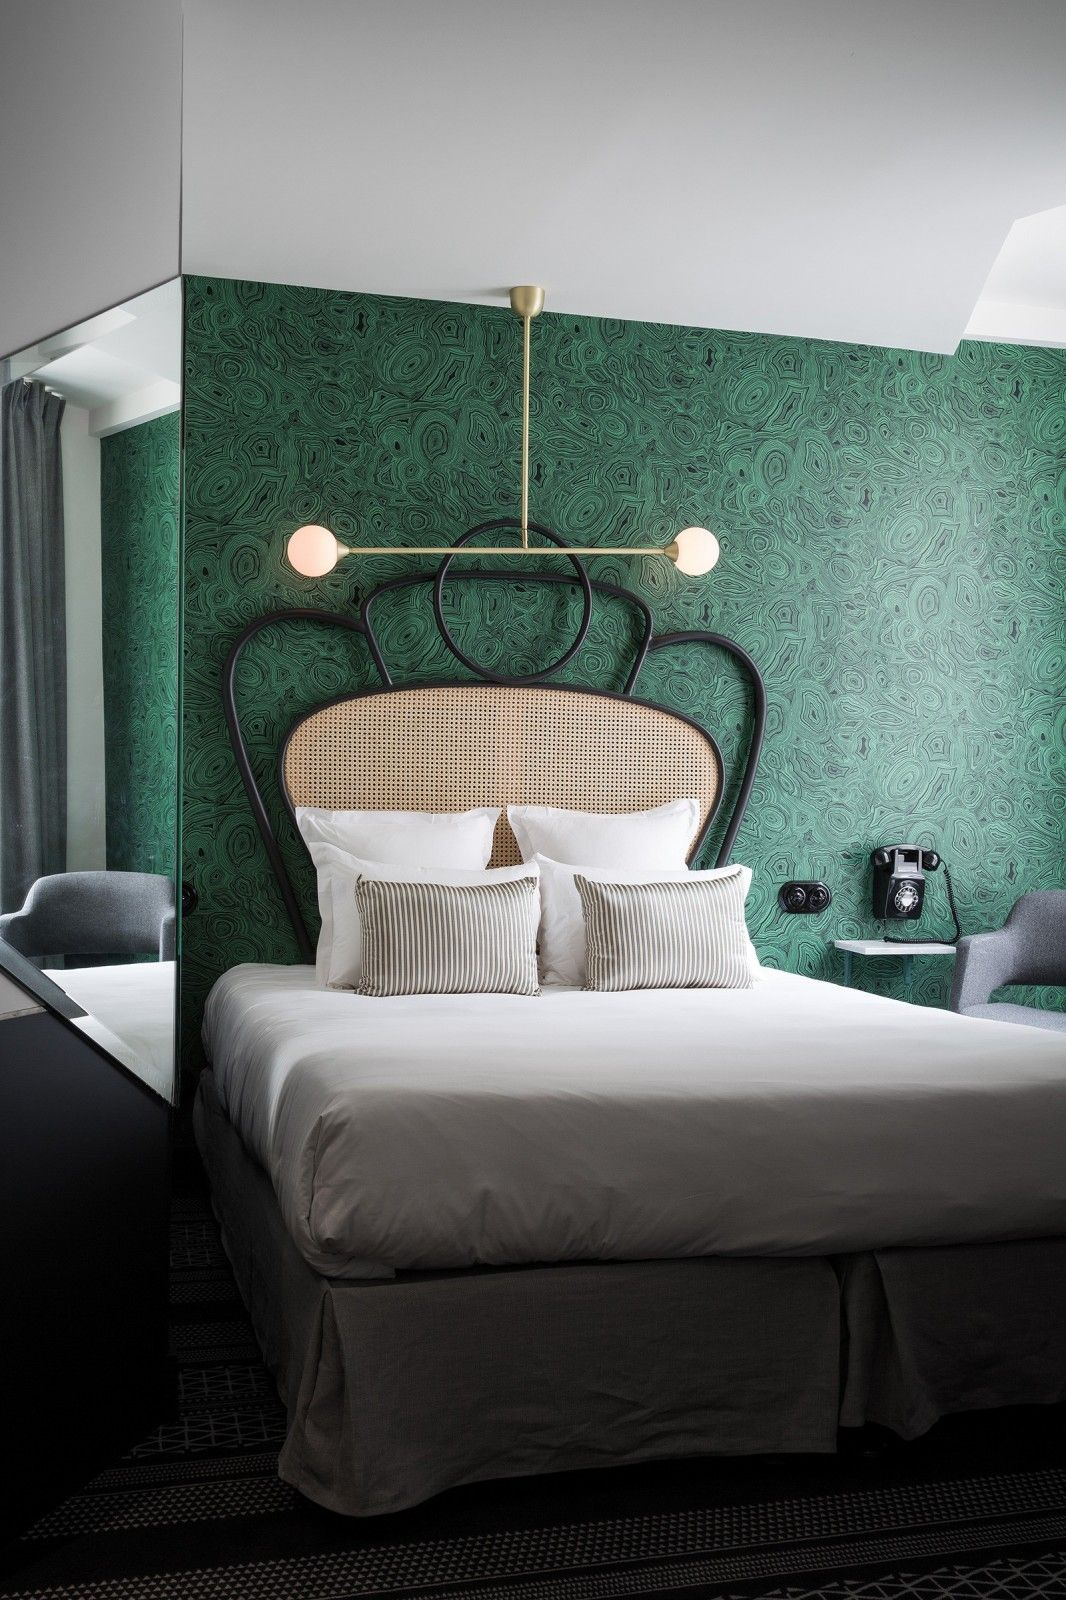 Hôtel Panache – Chambre Double Classique (avec images)  Hotel